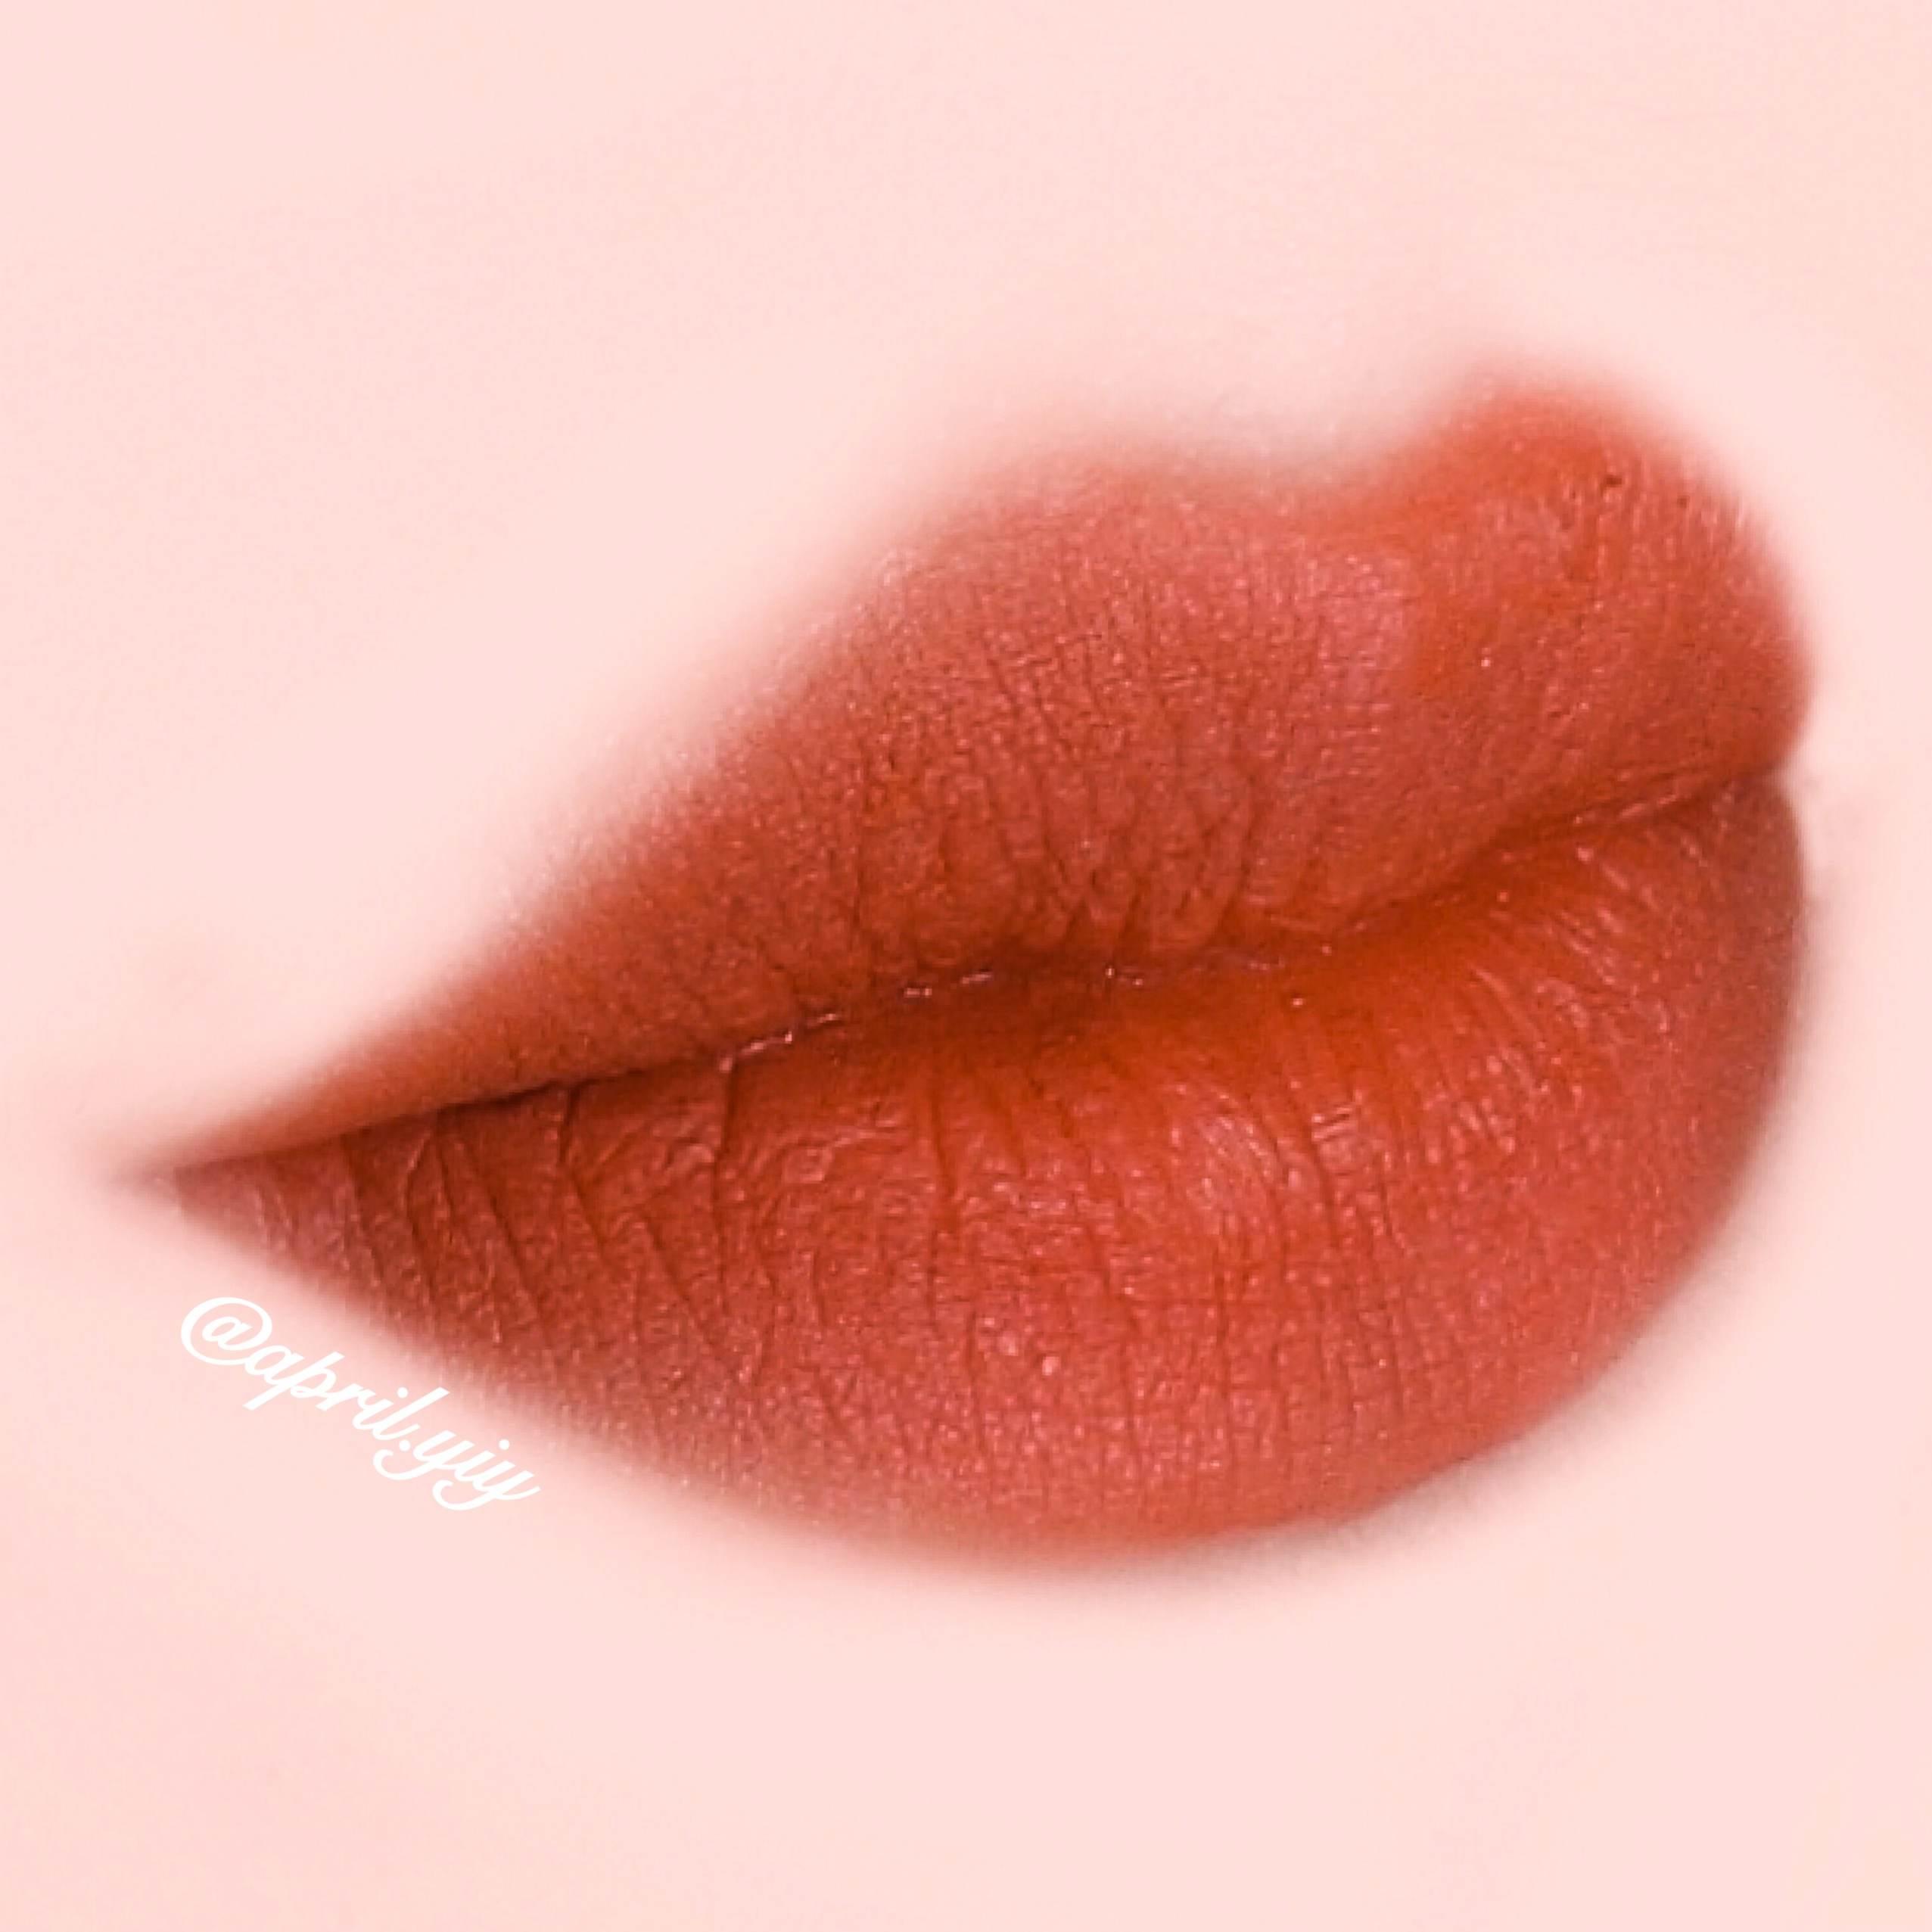 唇色的選擇部分選擇霧面的橘紅色系。